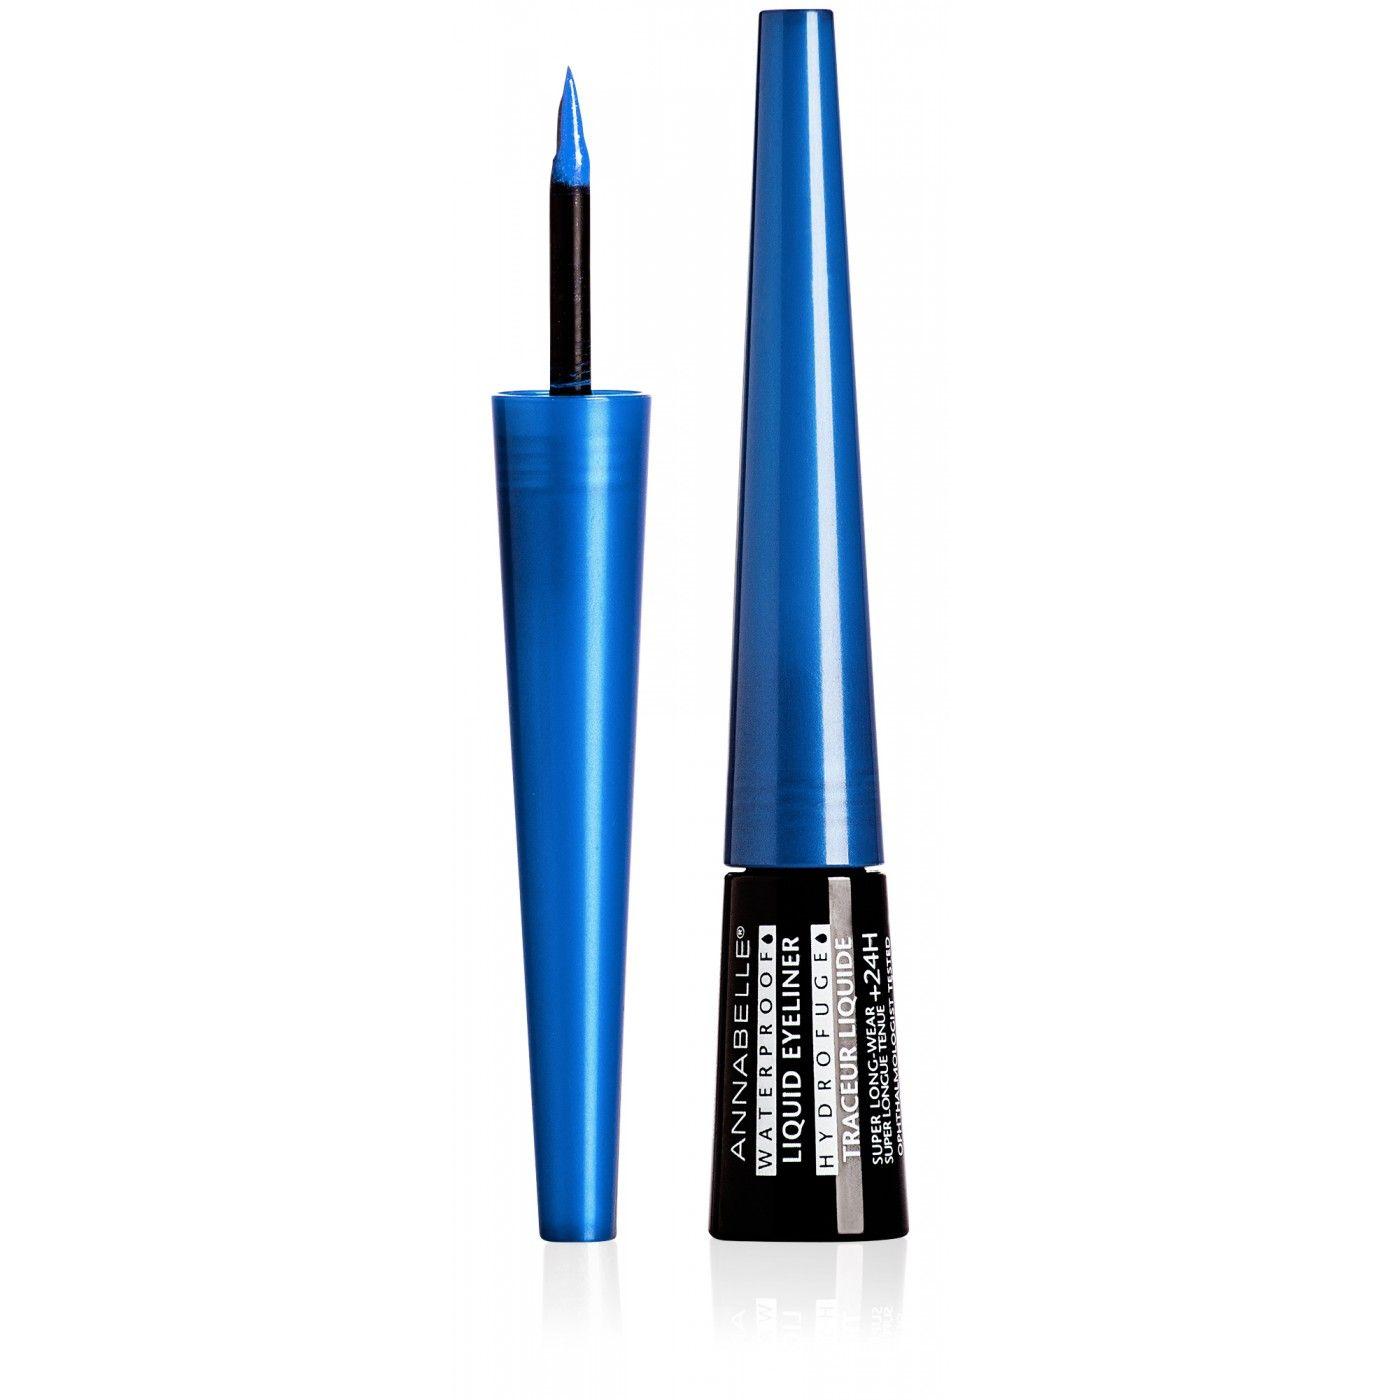 Waterproof Liquid Eyeliner - Blue Spark